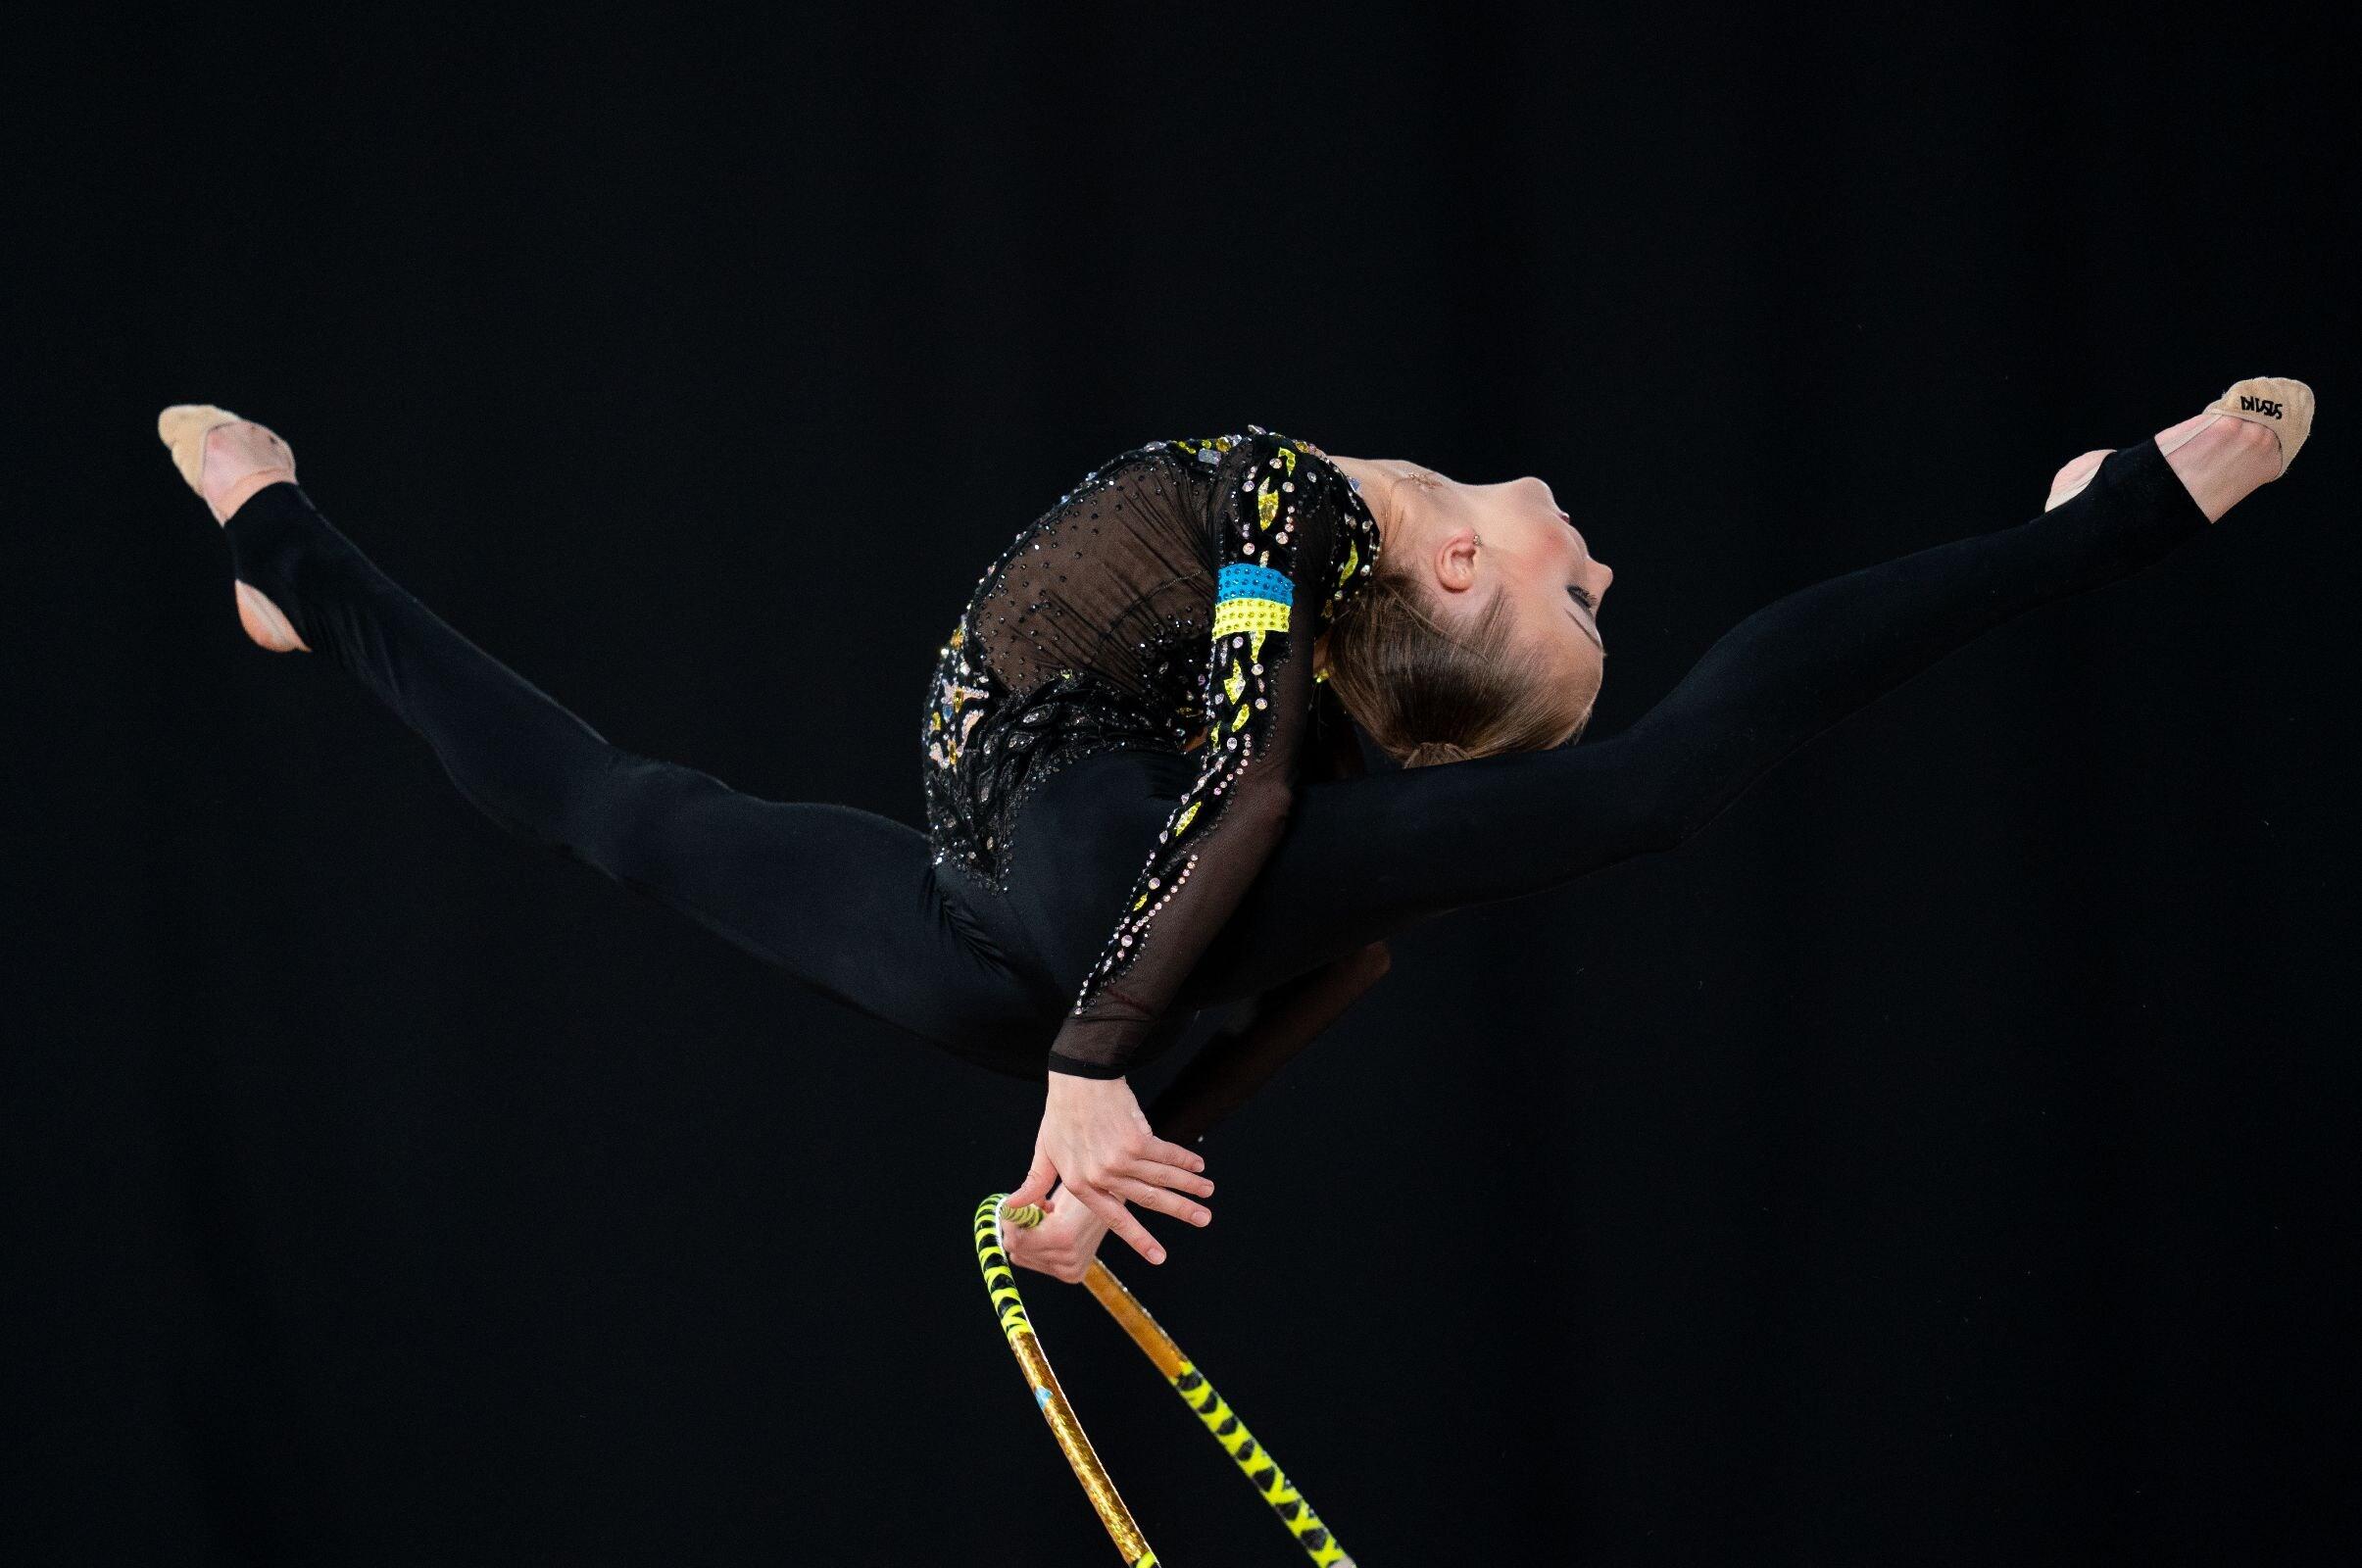 Buenos Aires 2018 - Rhythmic Gymnastics - Women's Rhythmic Individual All-Around